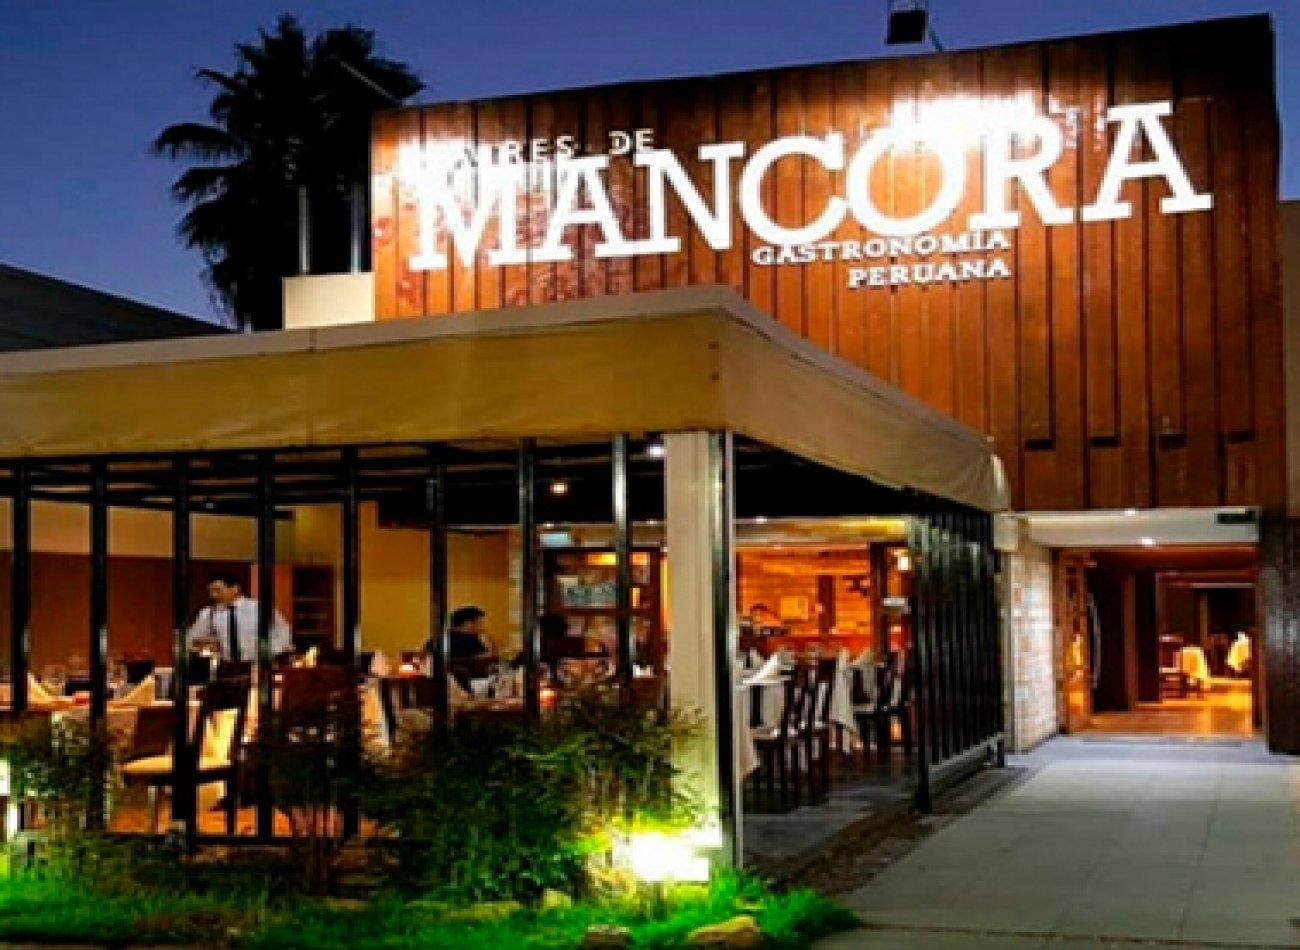 AIRES DE MáNCORA Restaurante - Reserva en restaurantes de Comida PERUANA - VITACURA - MESA 24/7 | SANTIAGO - Perú